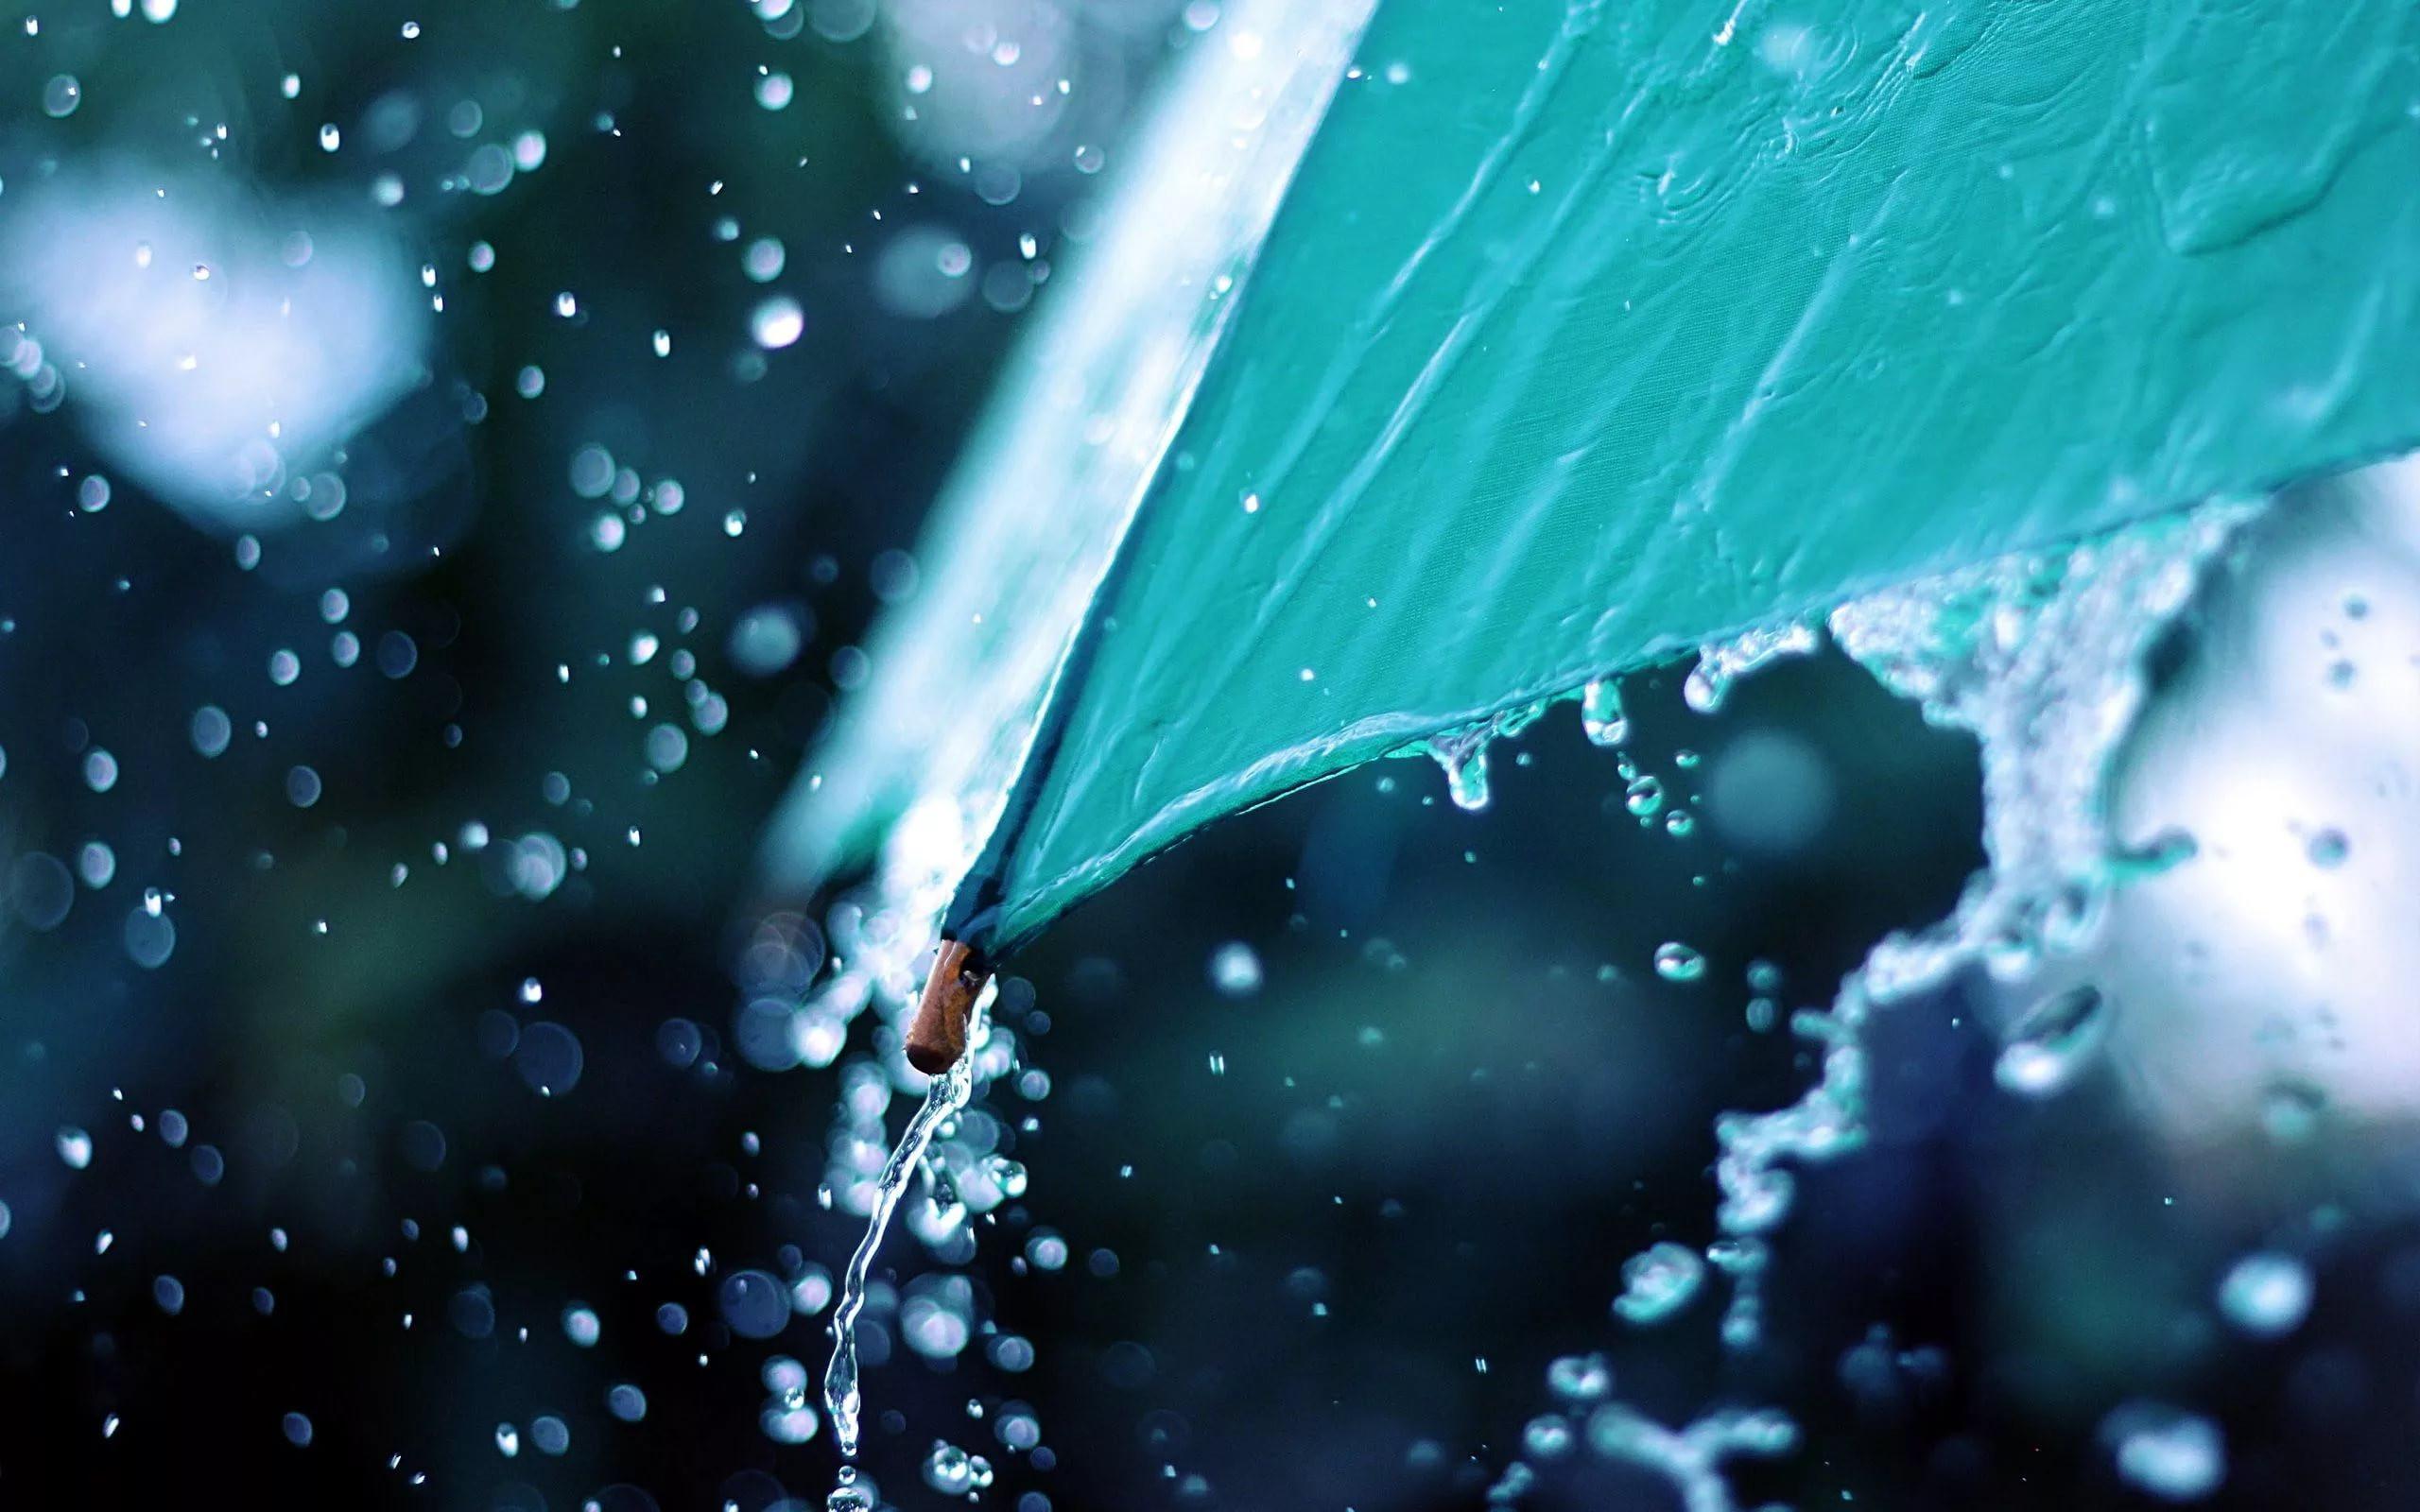 Синоптики: Намайские праздники вКрасноярске предполагается дождь ирезкое похолодание